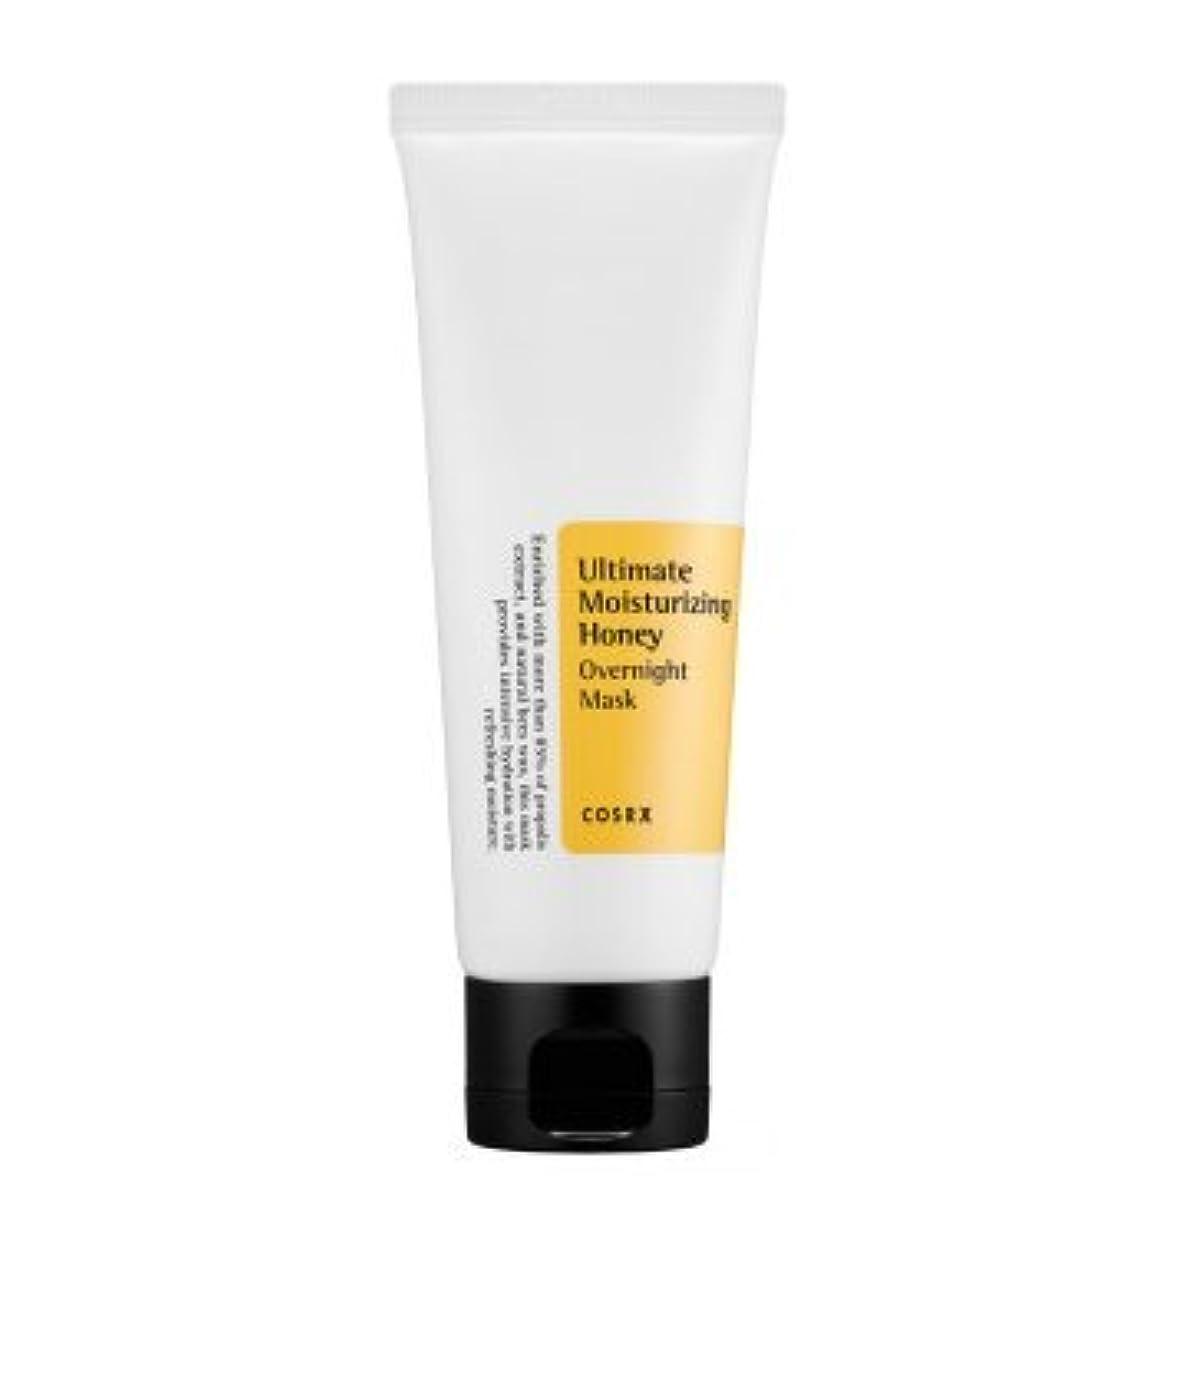 人工義務その後COSRX アルティメット モイスチャライジング ハニー オーバーナイト マスク チューブタイプ(60ml) リニューアル / Ultimate Moisturizing Honey Overnight Mask [並行輸入品]